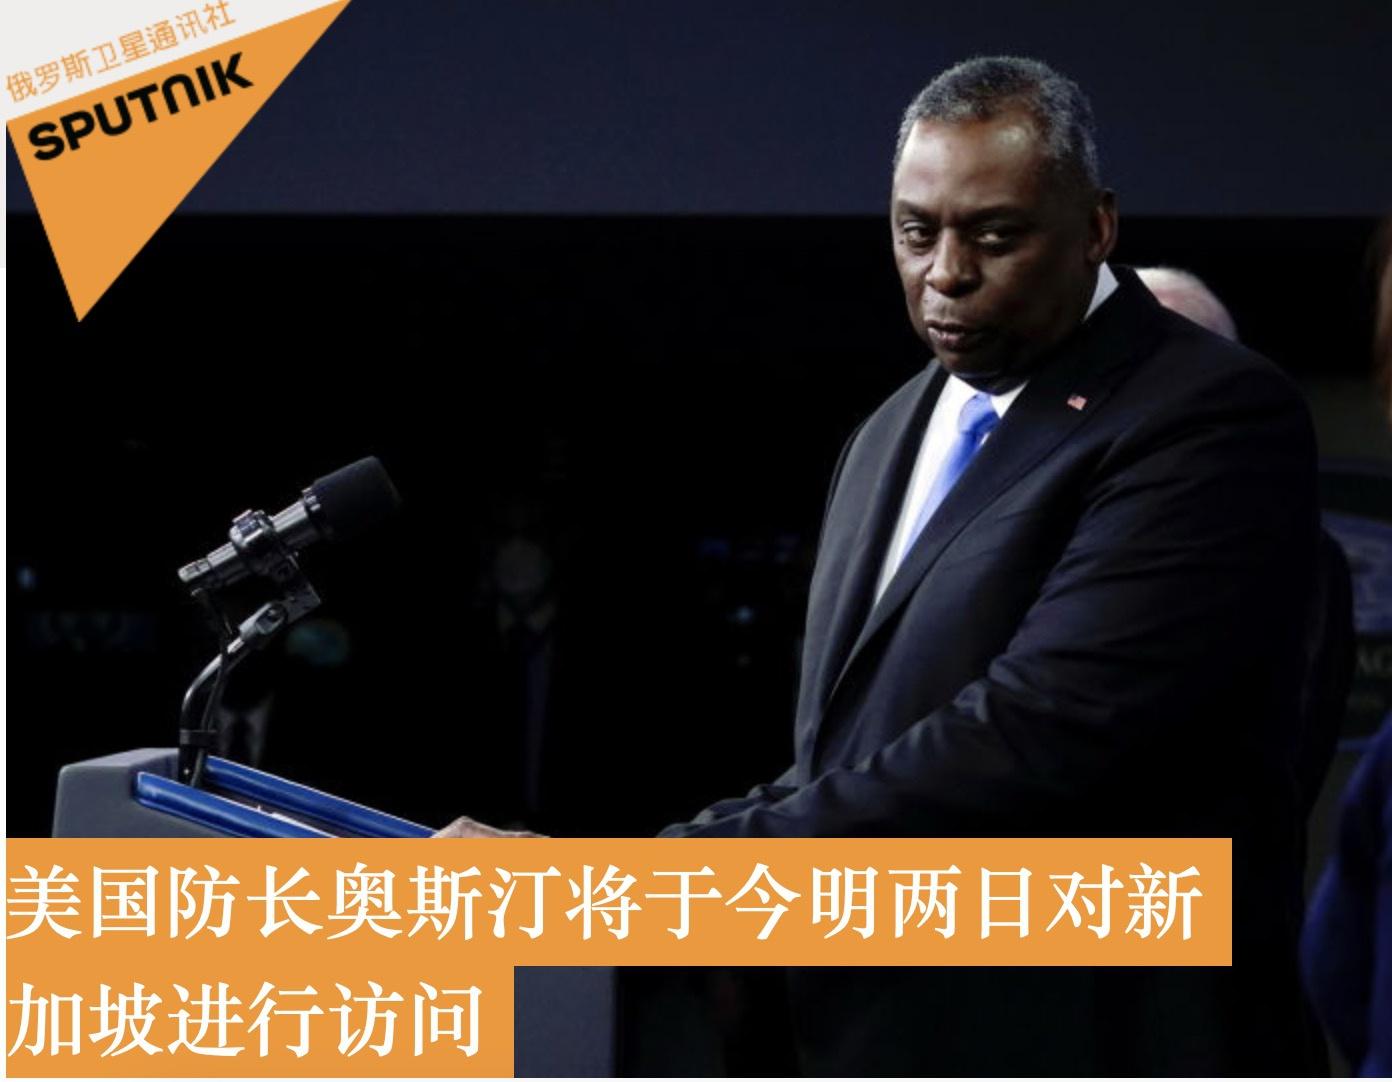 外媒:美防长奥斯汀将访问新加坡